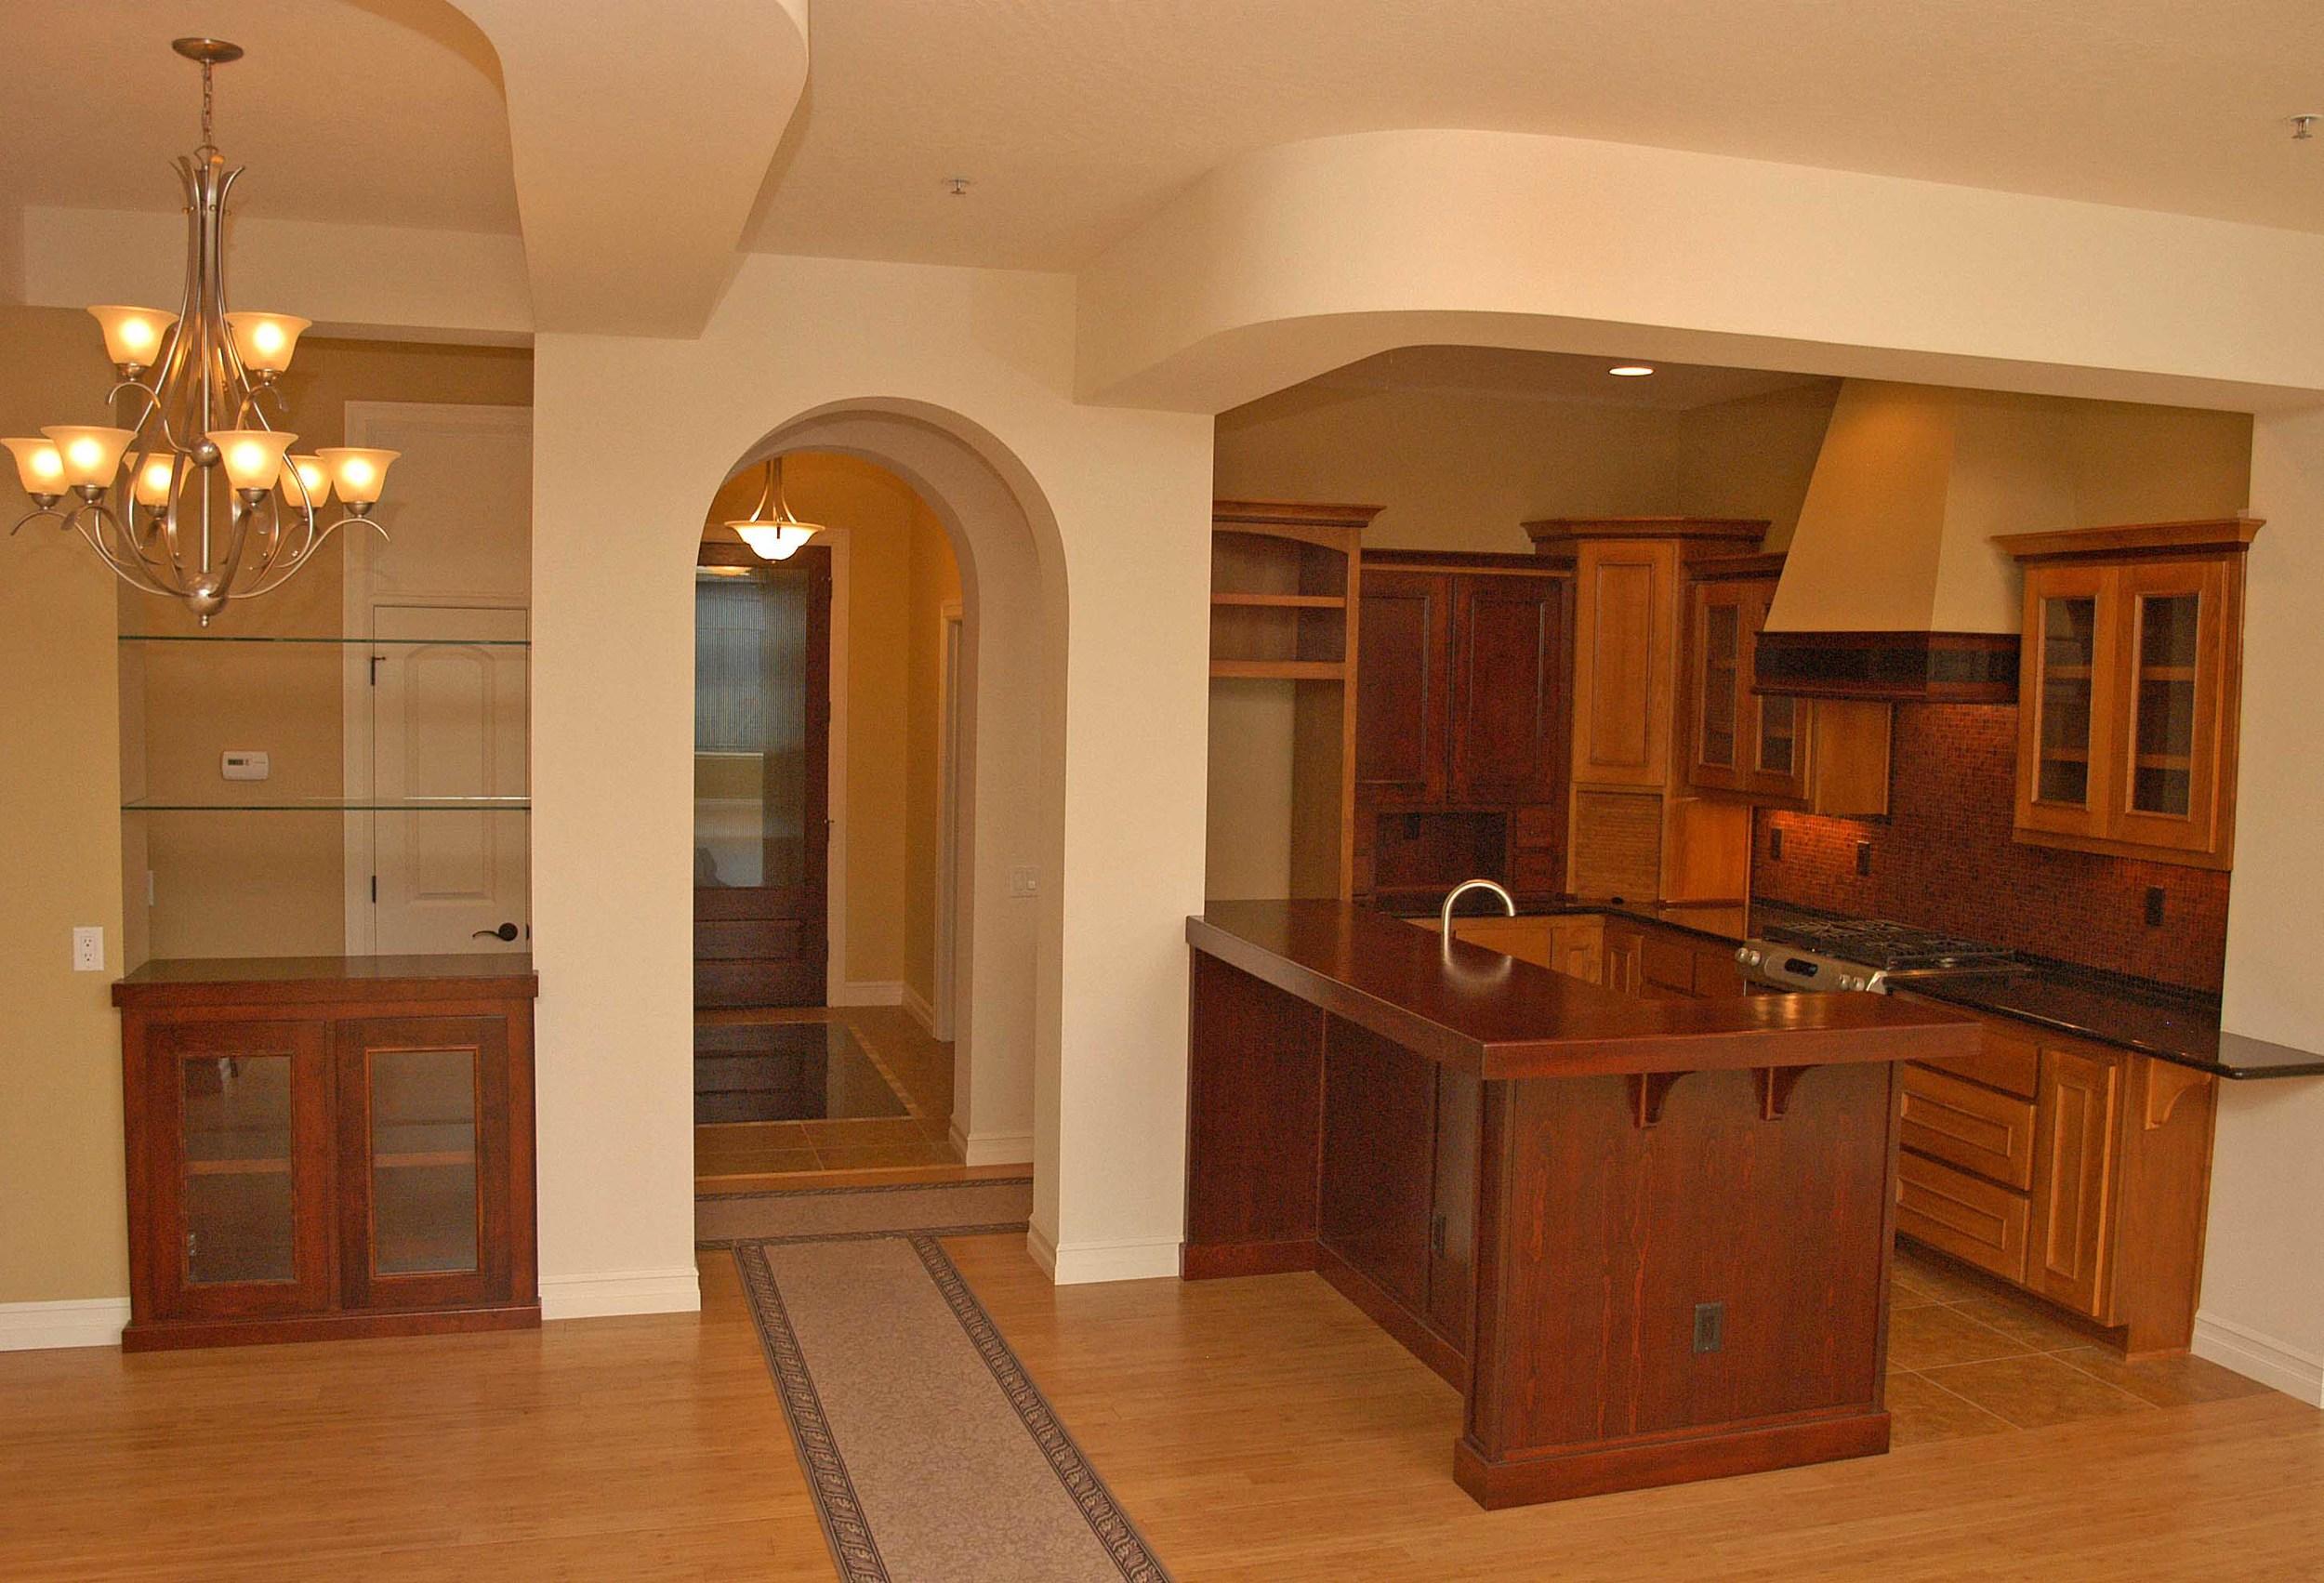 luxury-condominium-design-on-upper-floors-commercial-space-design-at-street-level